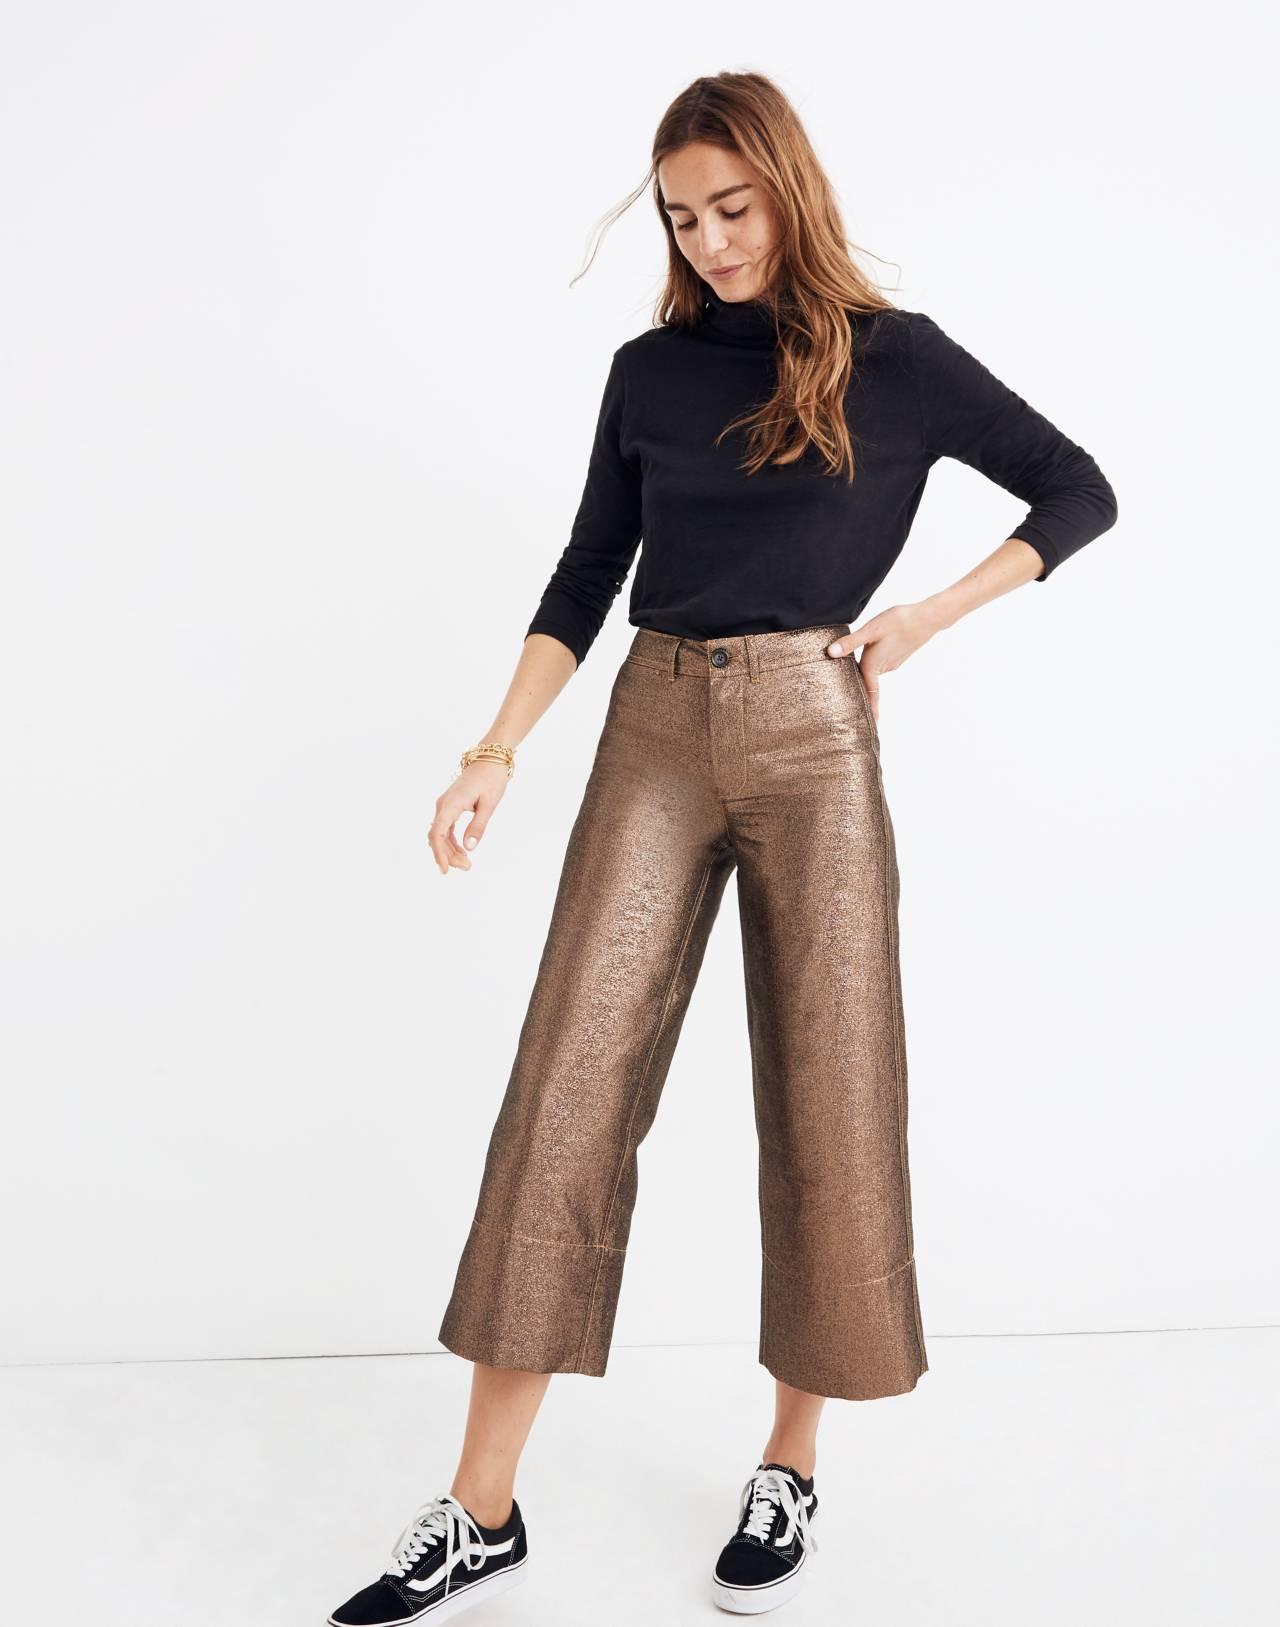 Emmett Wide-Leg Crop Pants in Metallic in metallic sand image 1